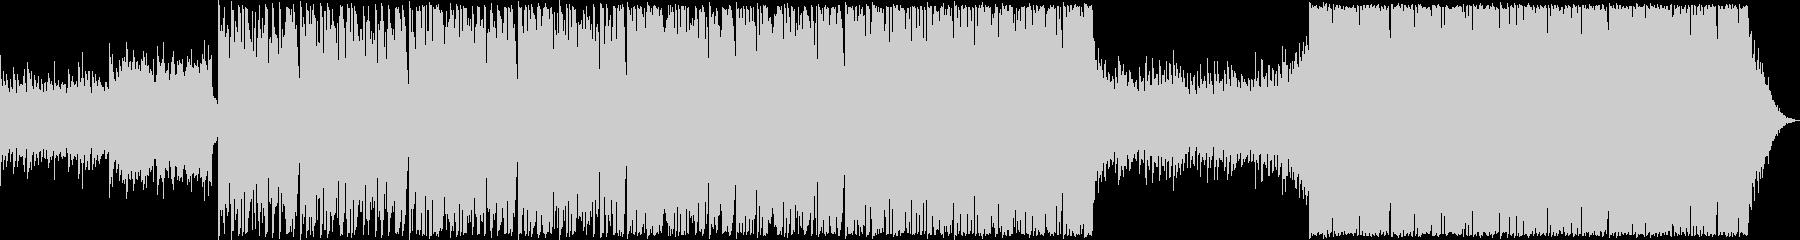 実験的 ロック ポストロック テク...の未再生の波形